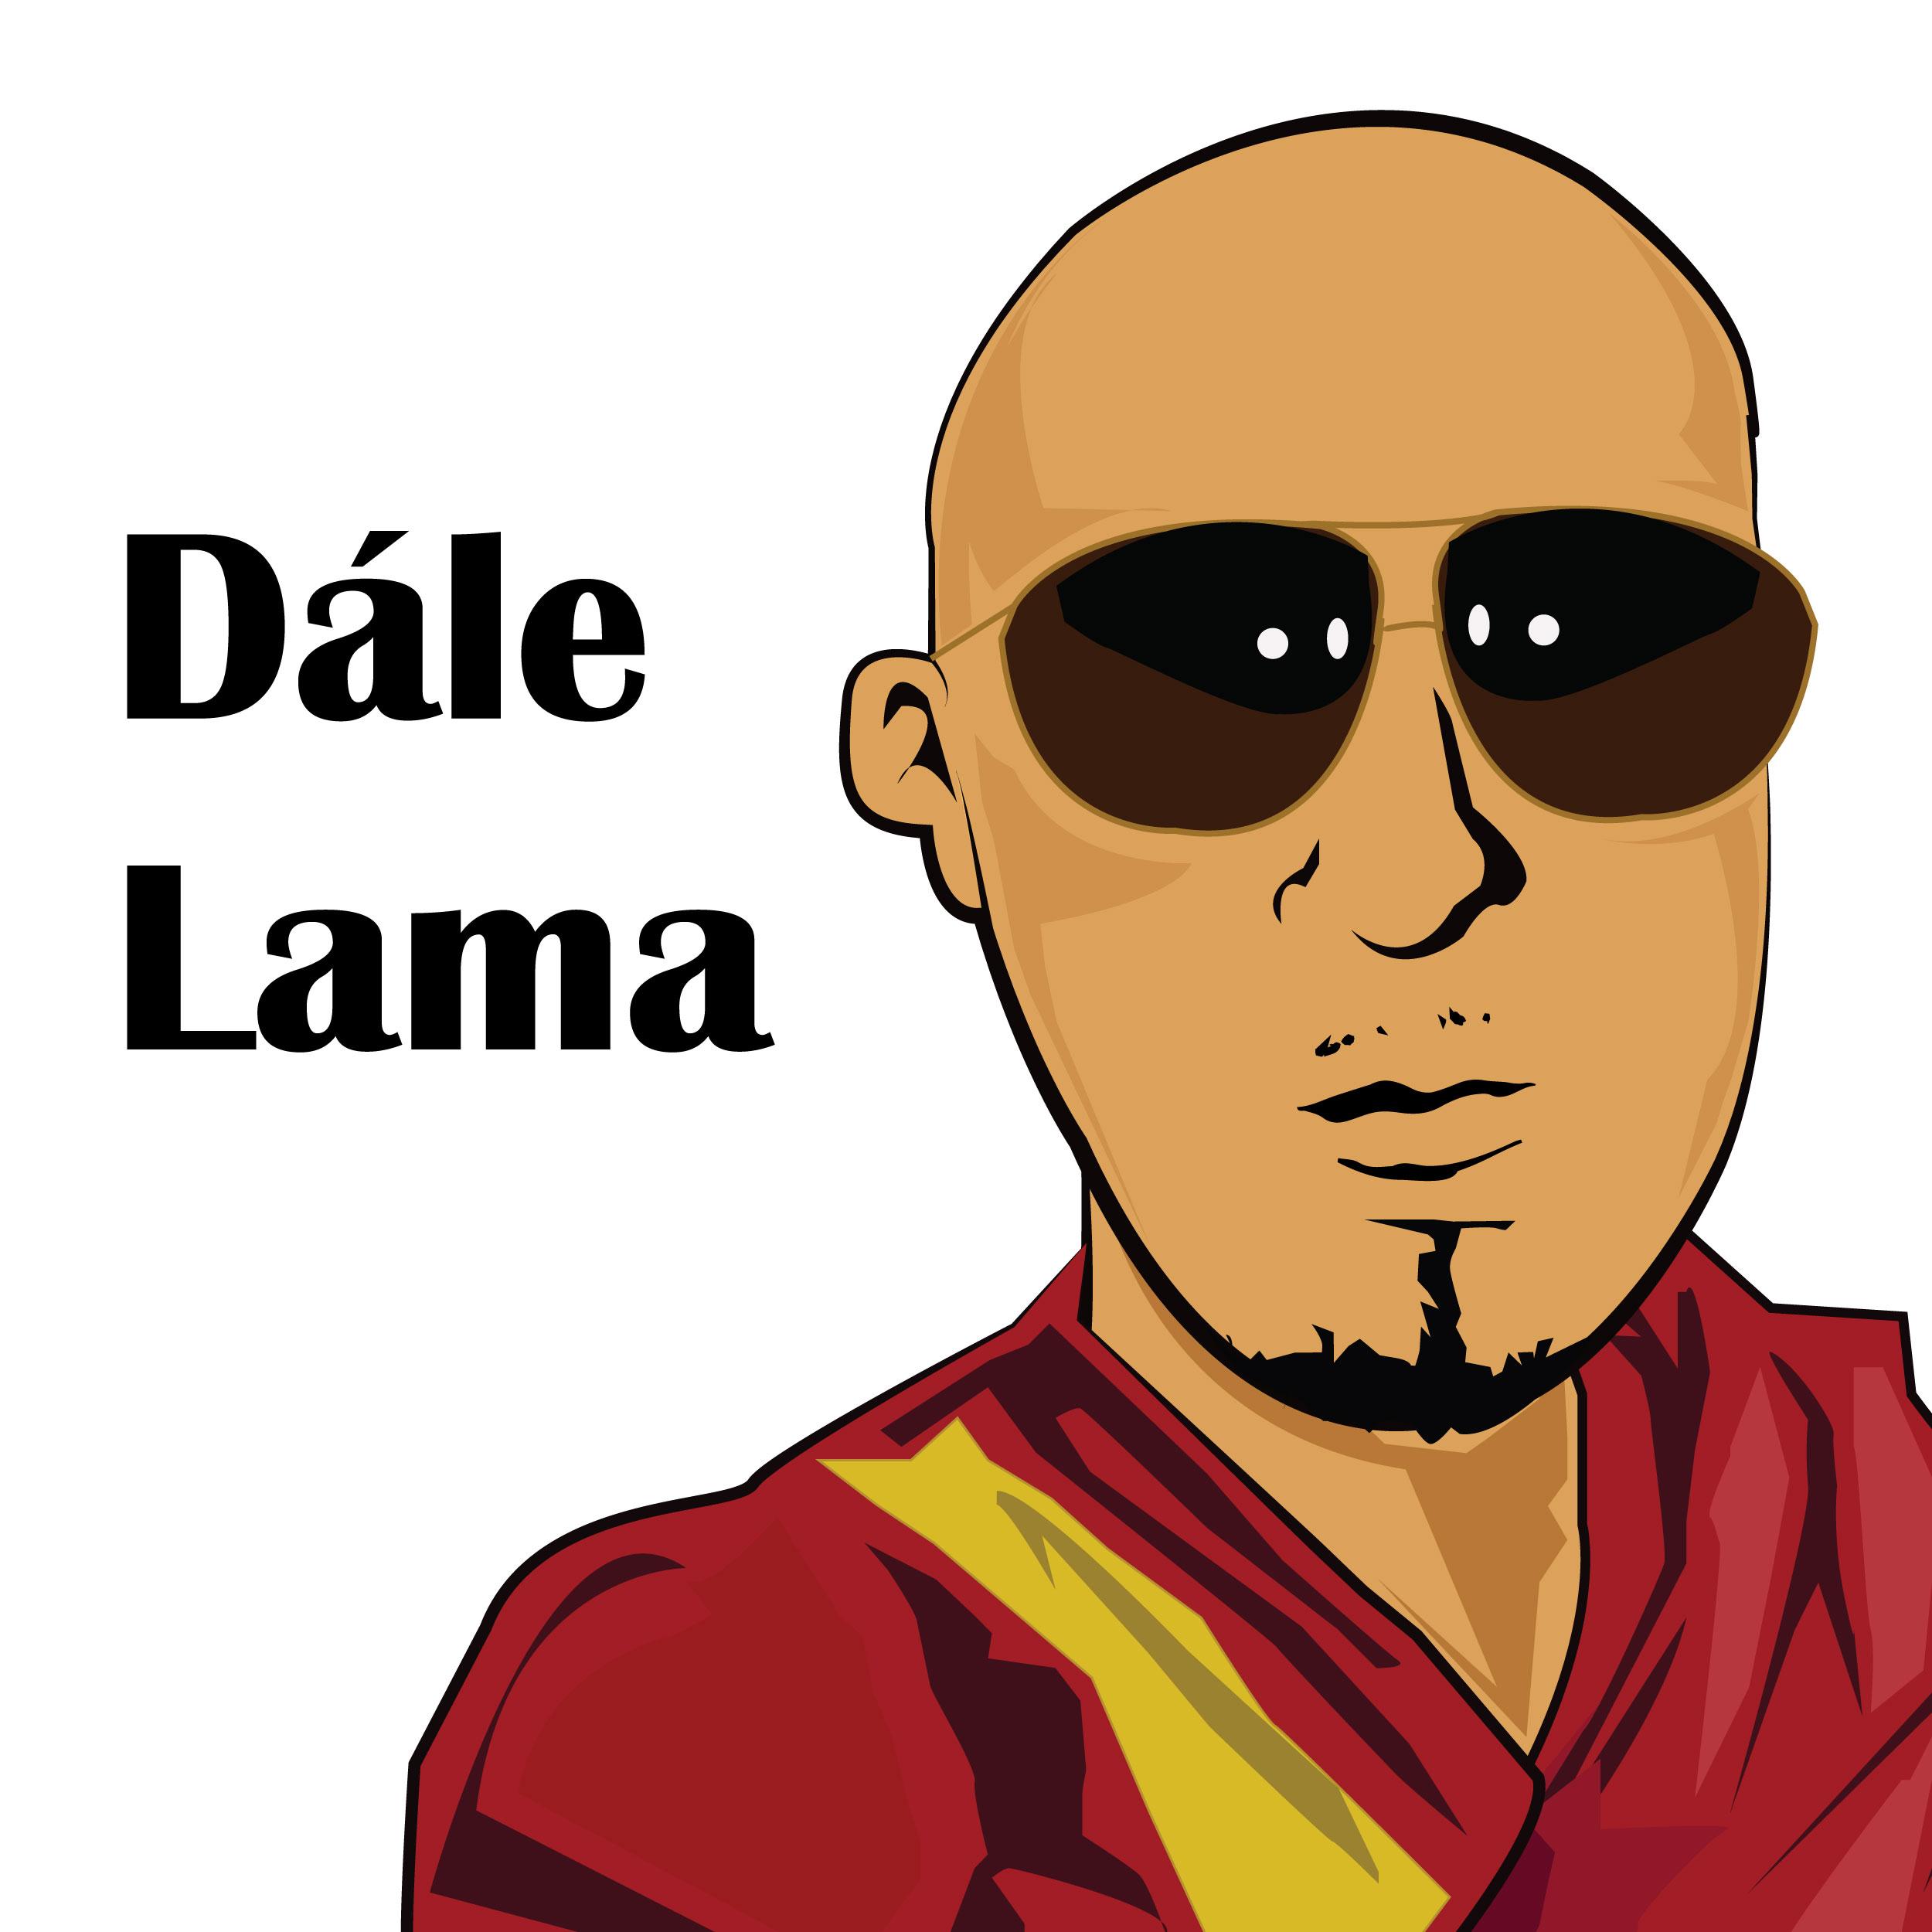 Pitbull and the Dalai Lama